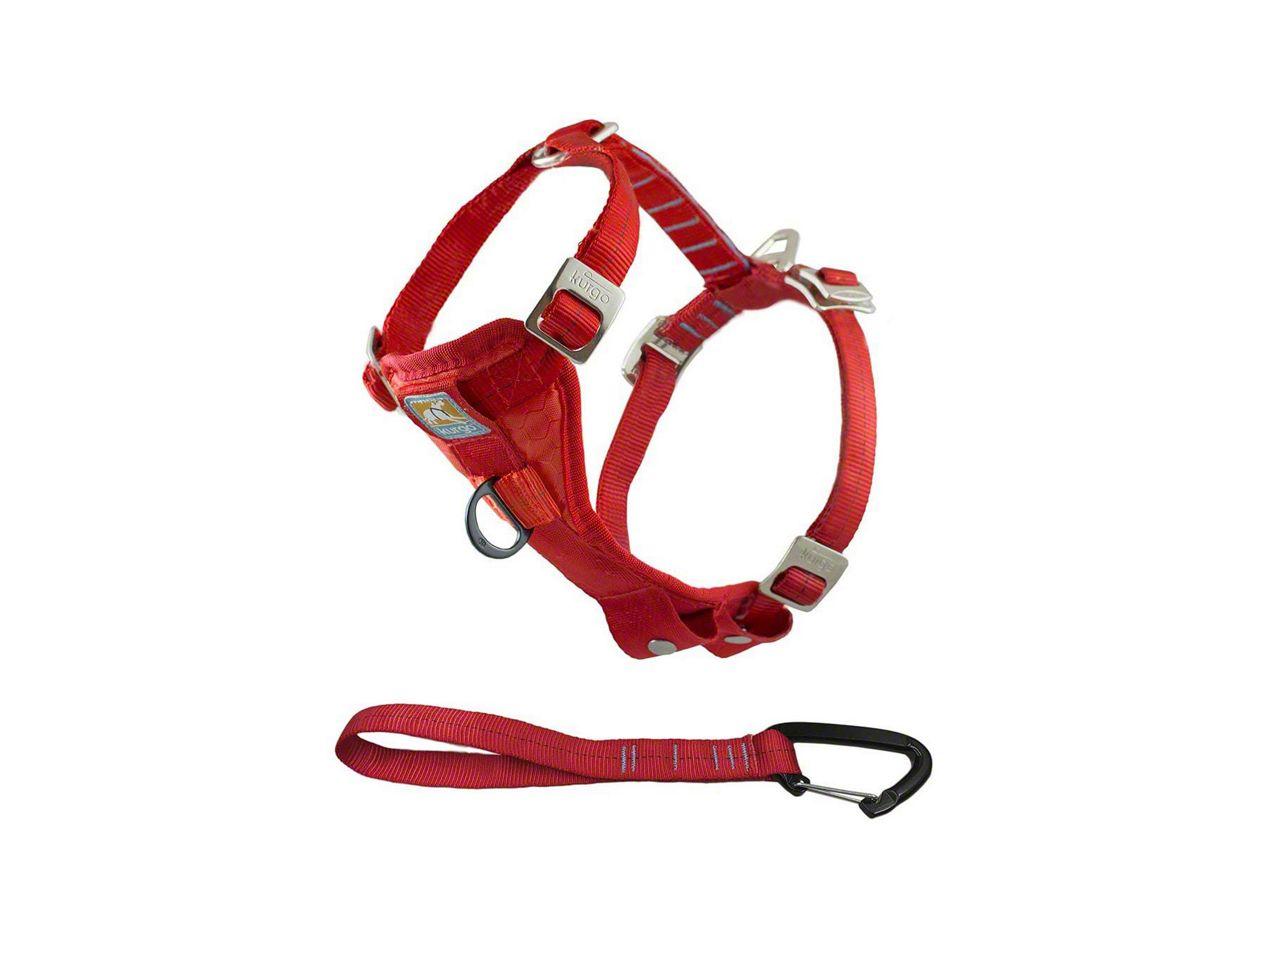 Kurgo Enhanced Strength TruFit Dog Car Harness - Red (02-19 RAM 1500)